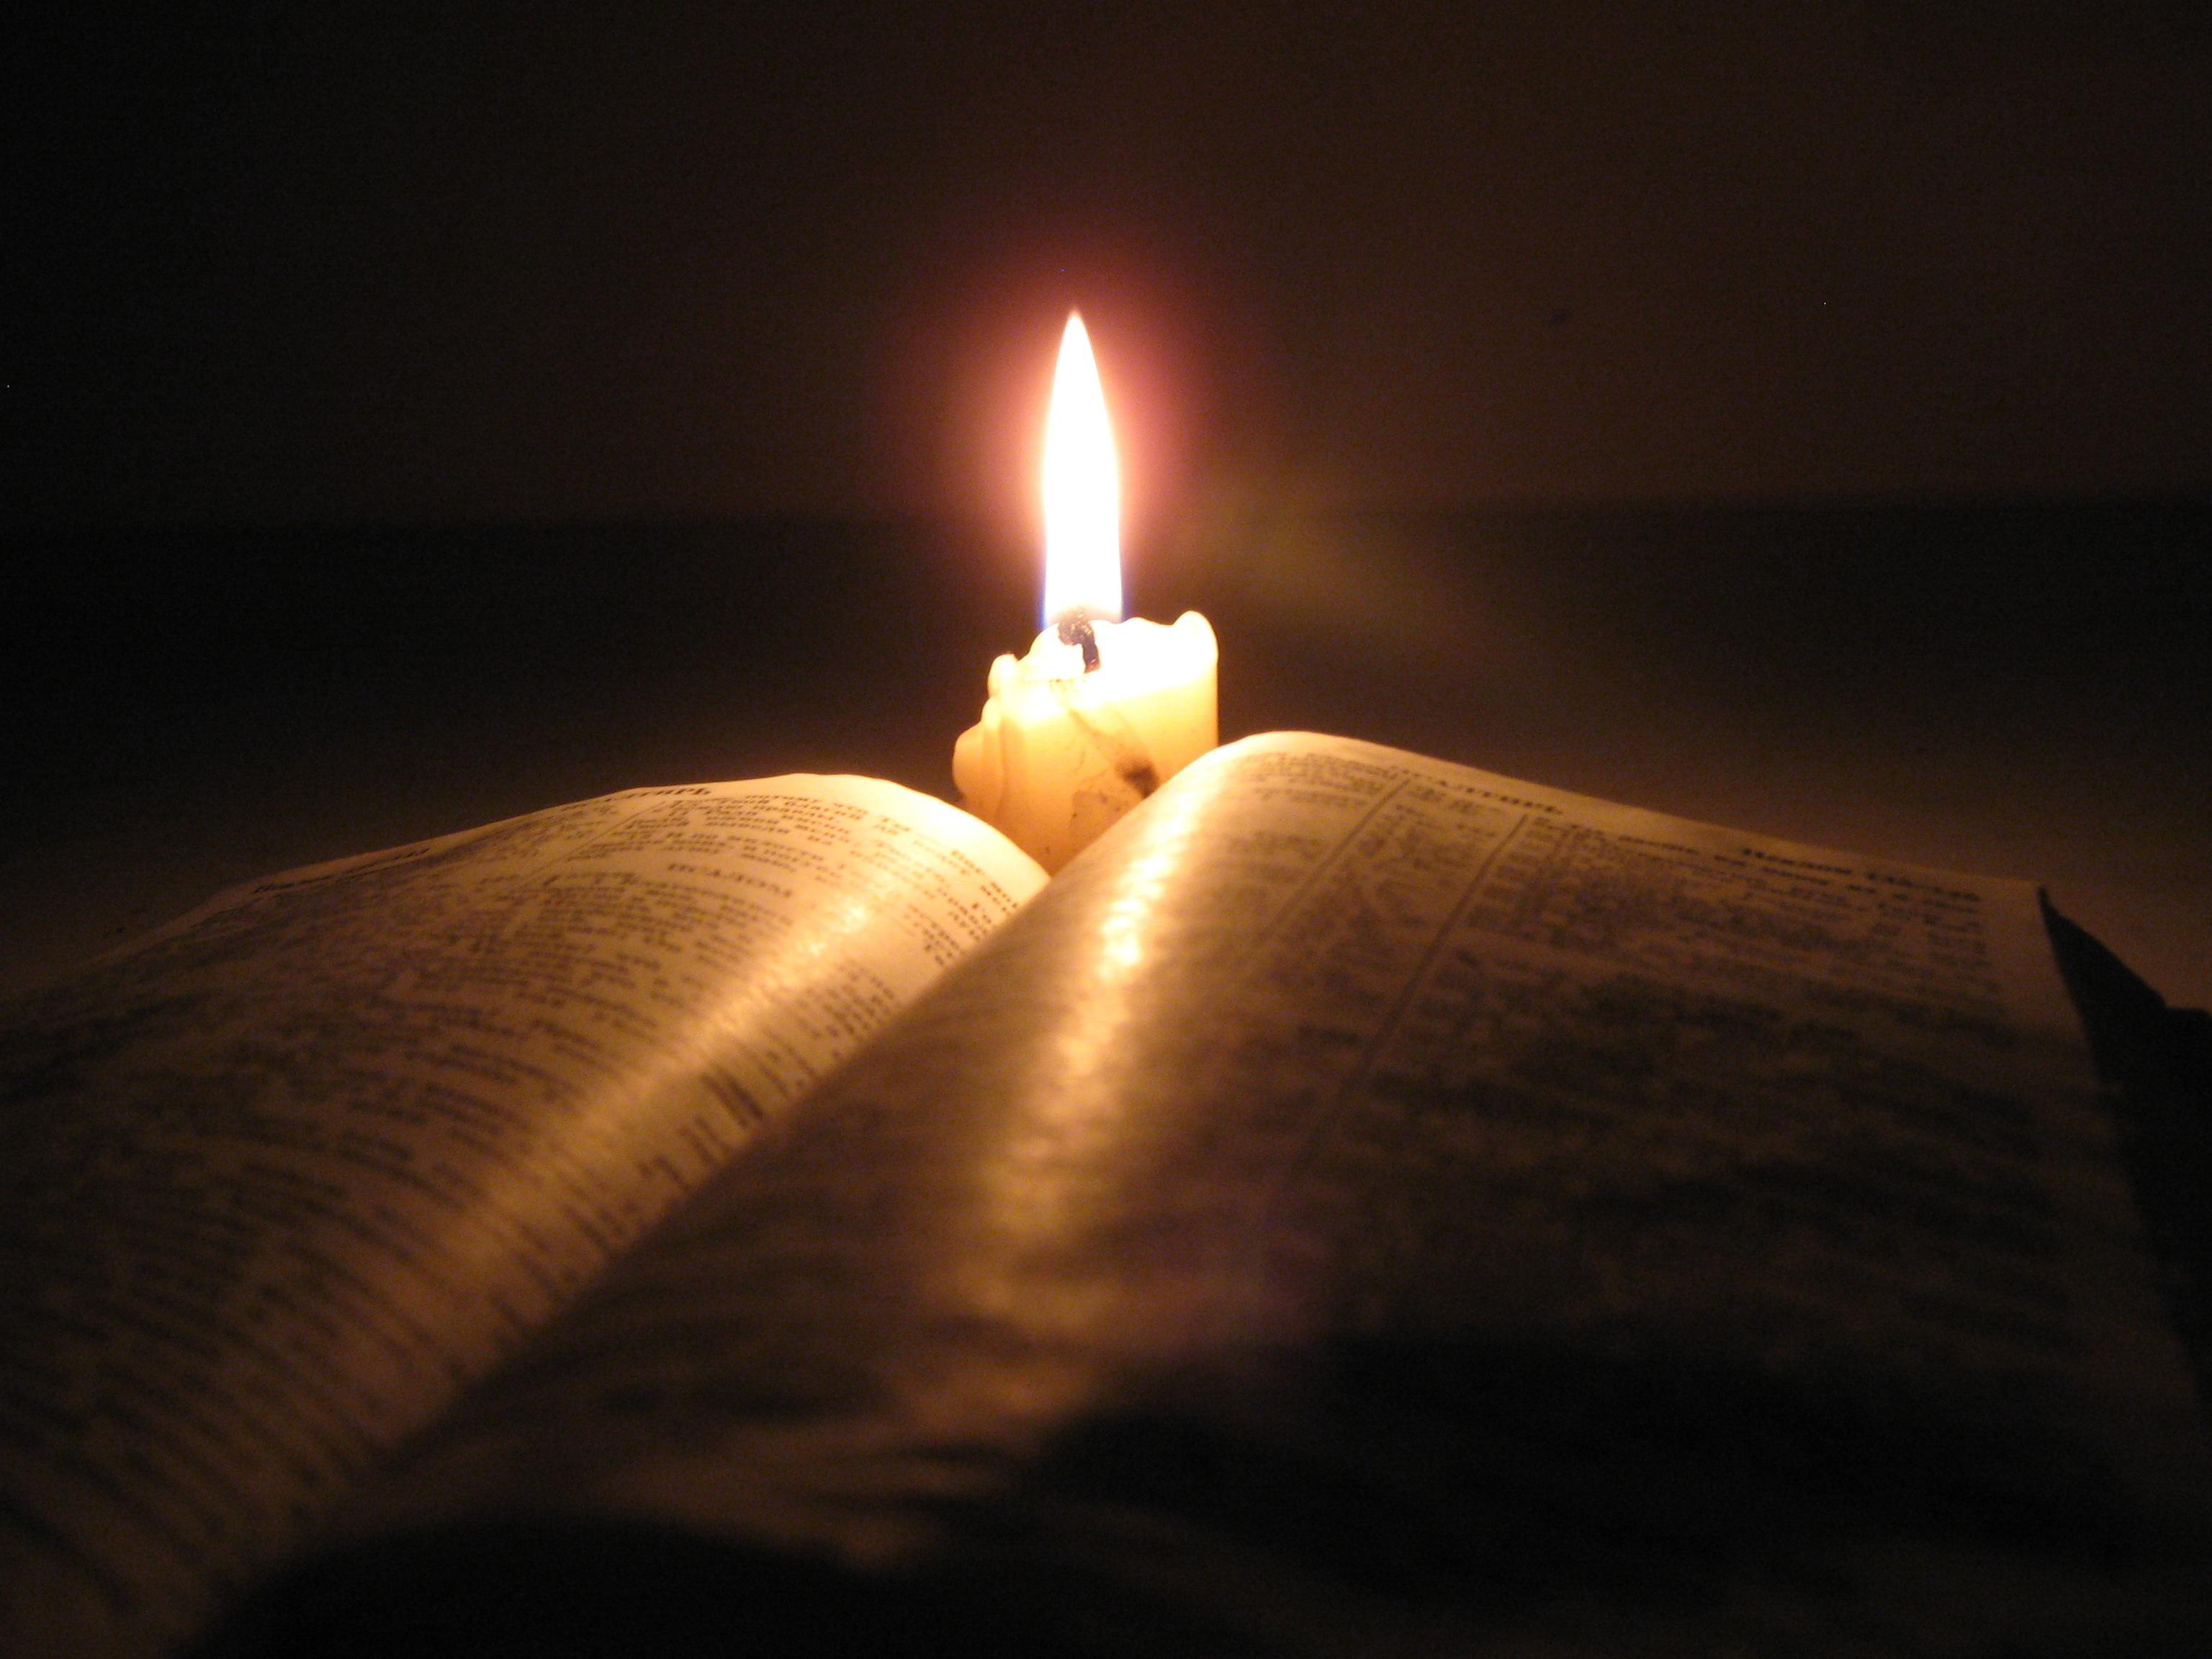 Звук горения свечи скачать